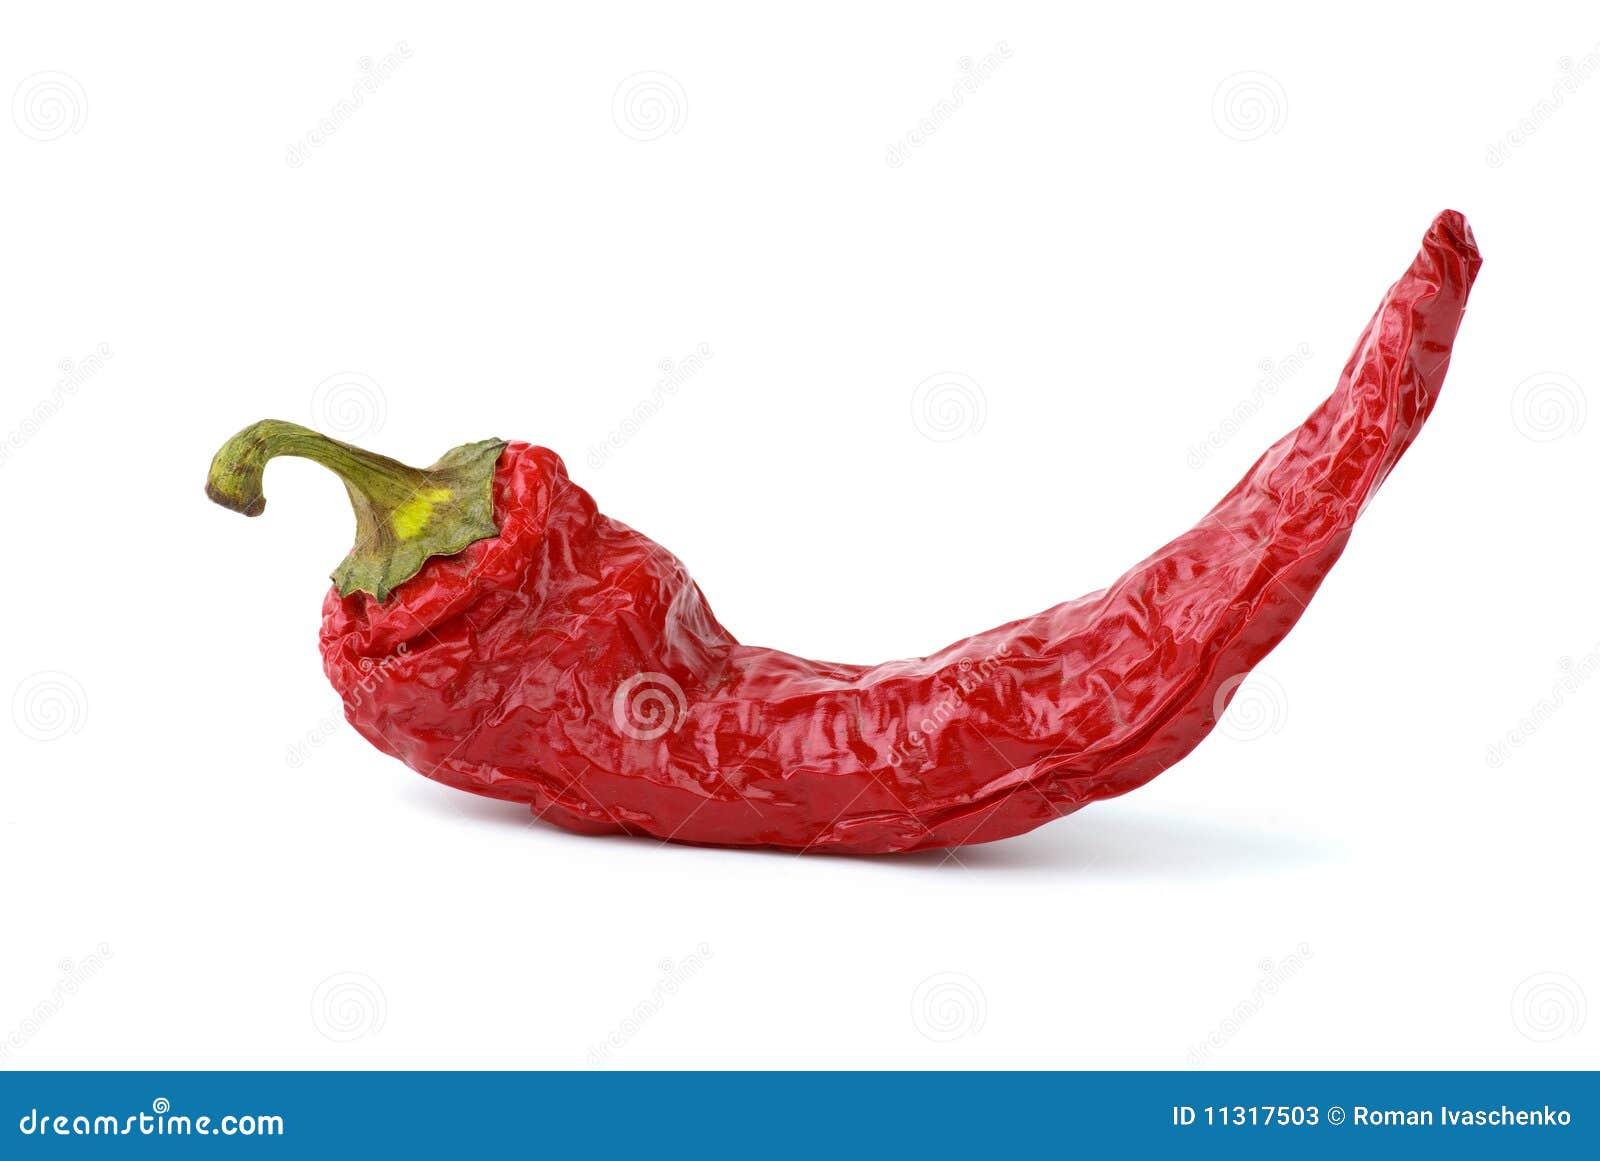 Getrockneter Pfeffer des roten Paprikas